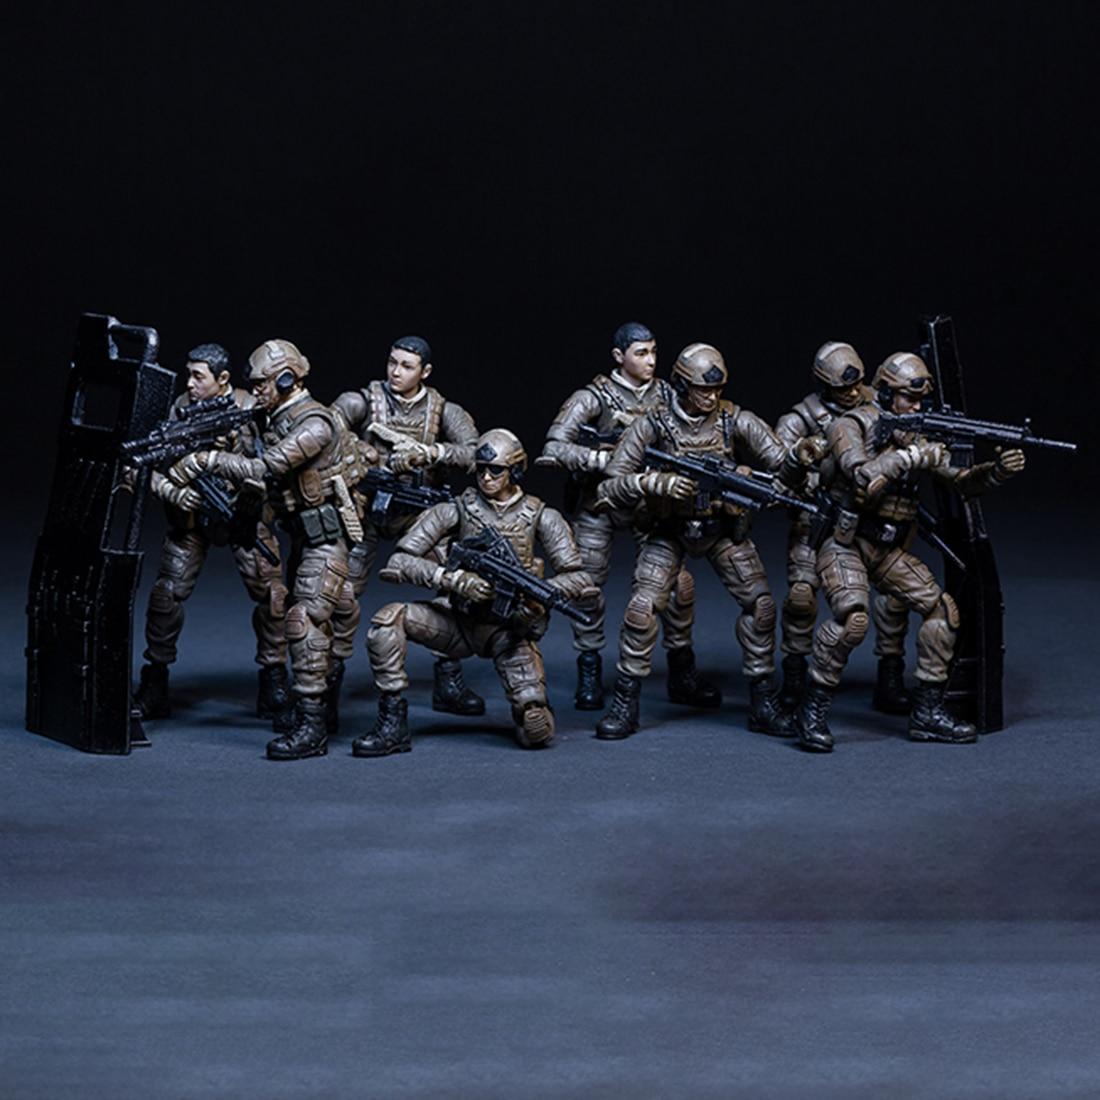 7.7 cm soldat modèle 3D assemblage amovible soldat modèle jouet amovible soldat modèle pour enfants